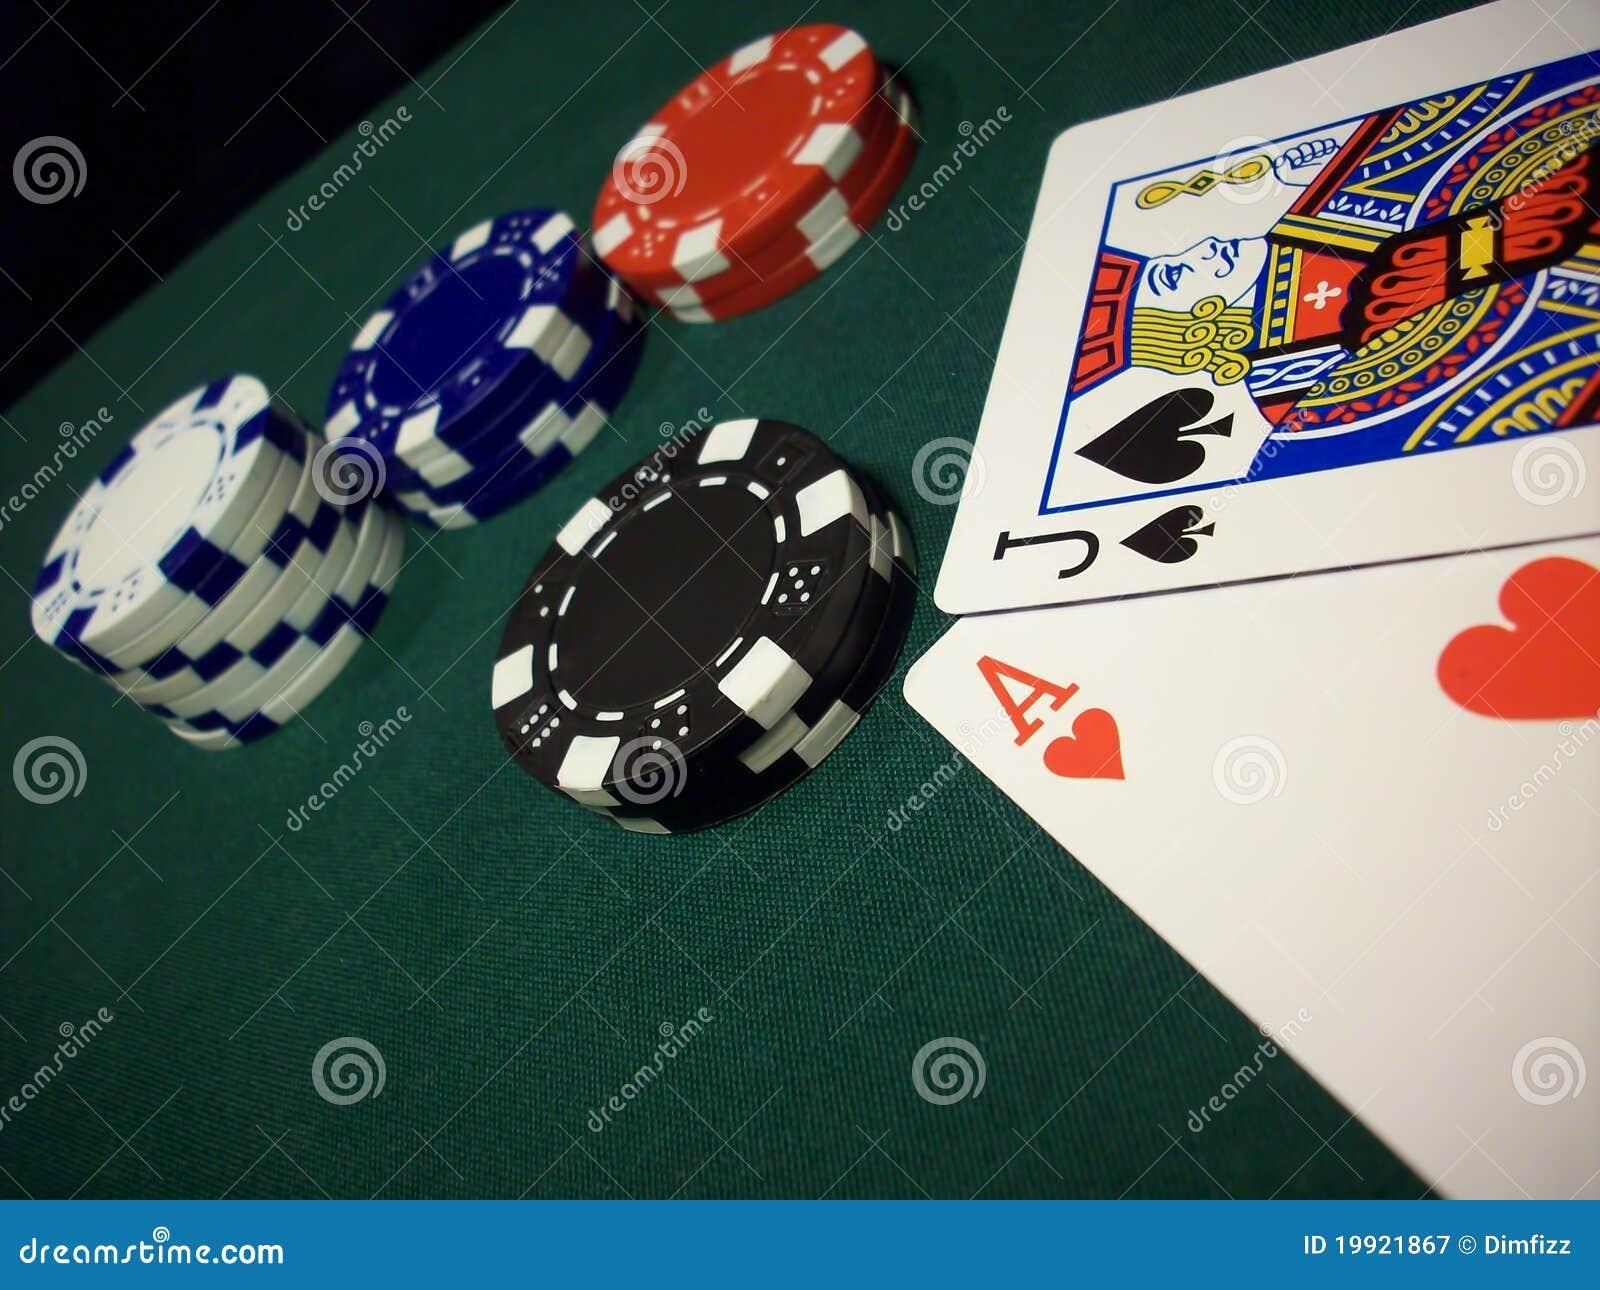 sandsynlighedsregning poker